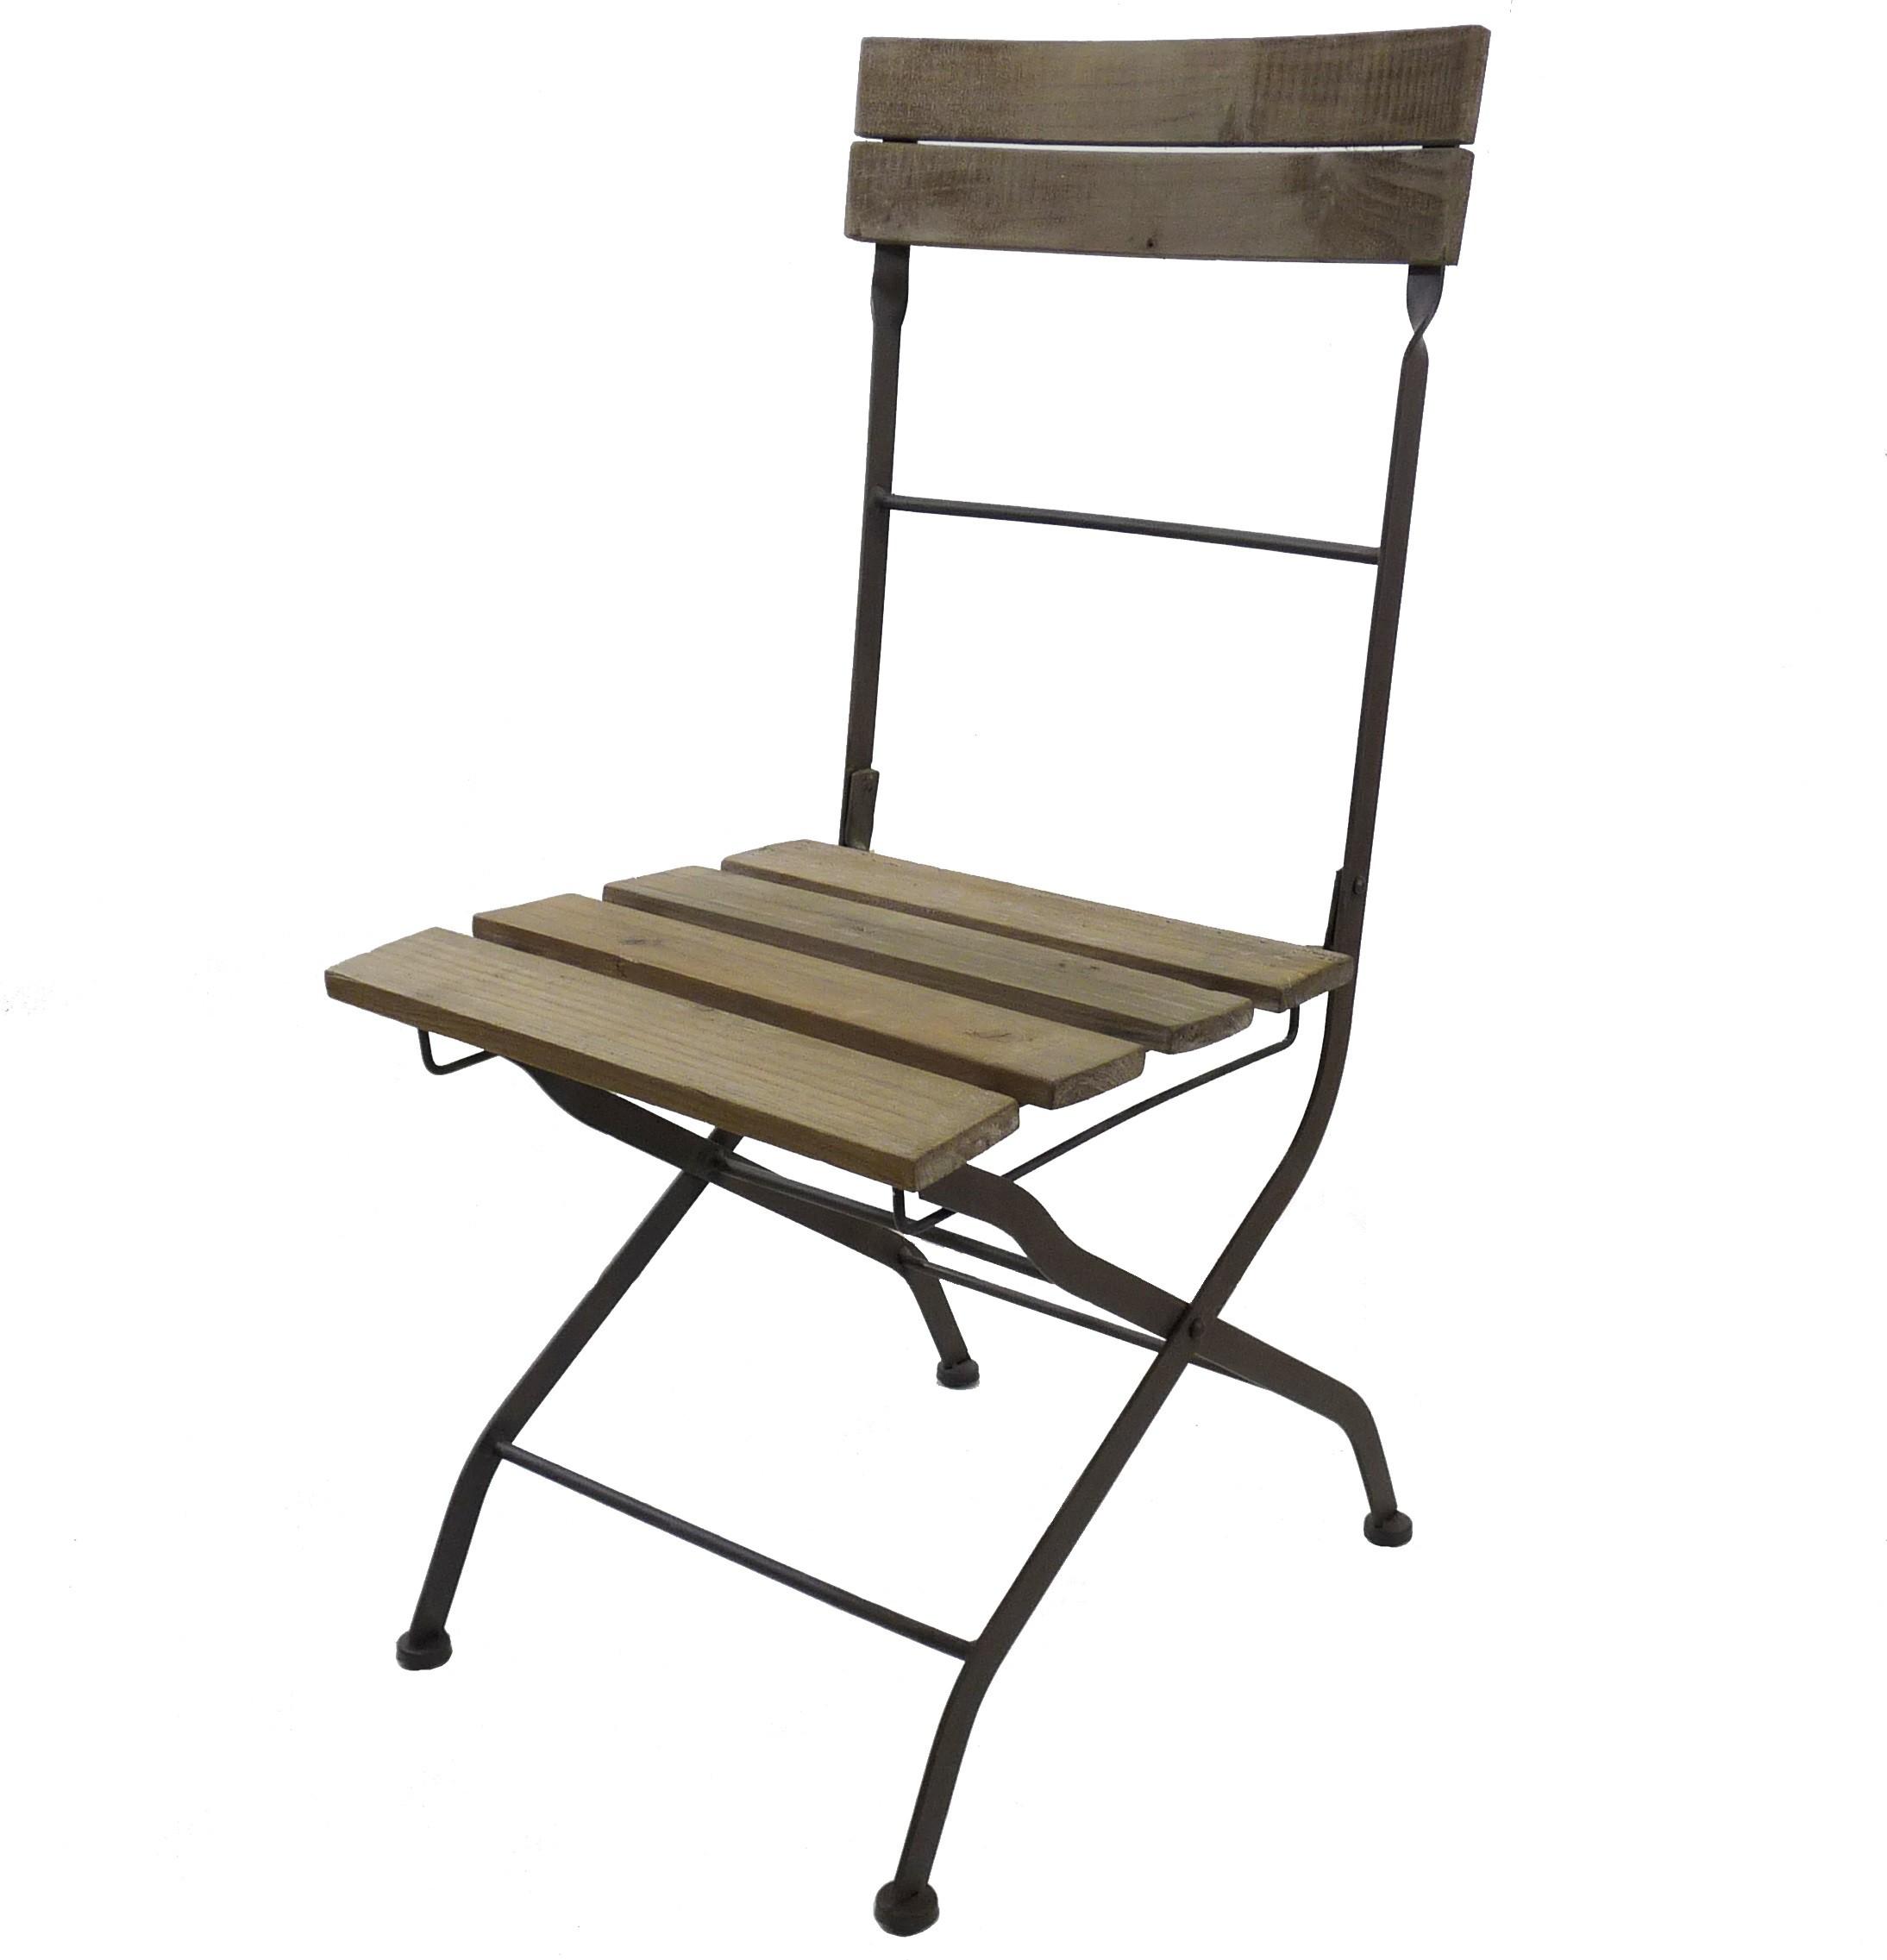 Chaise De Bistrot Pliante Fauteuil Intrieur Extrieur En Bois Et Fer 42x52x91cm